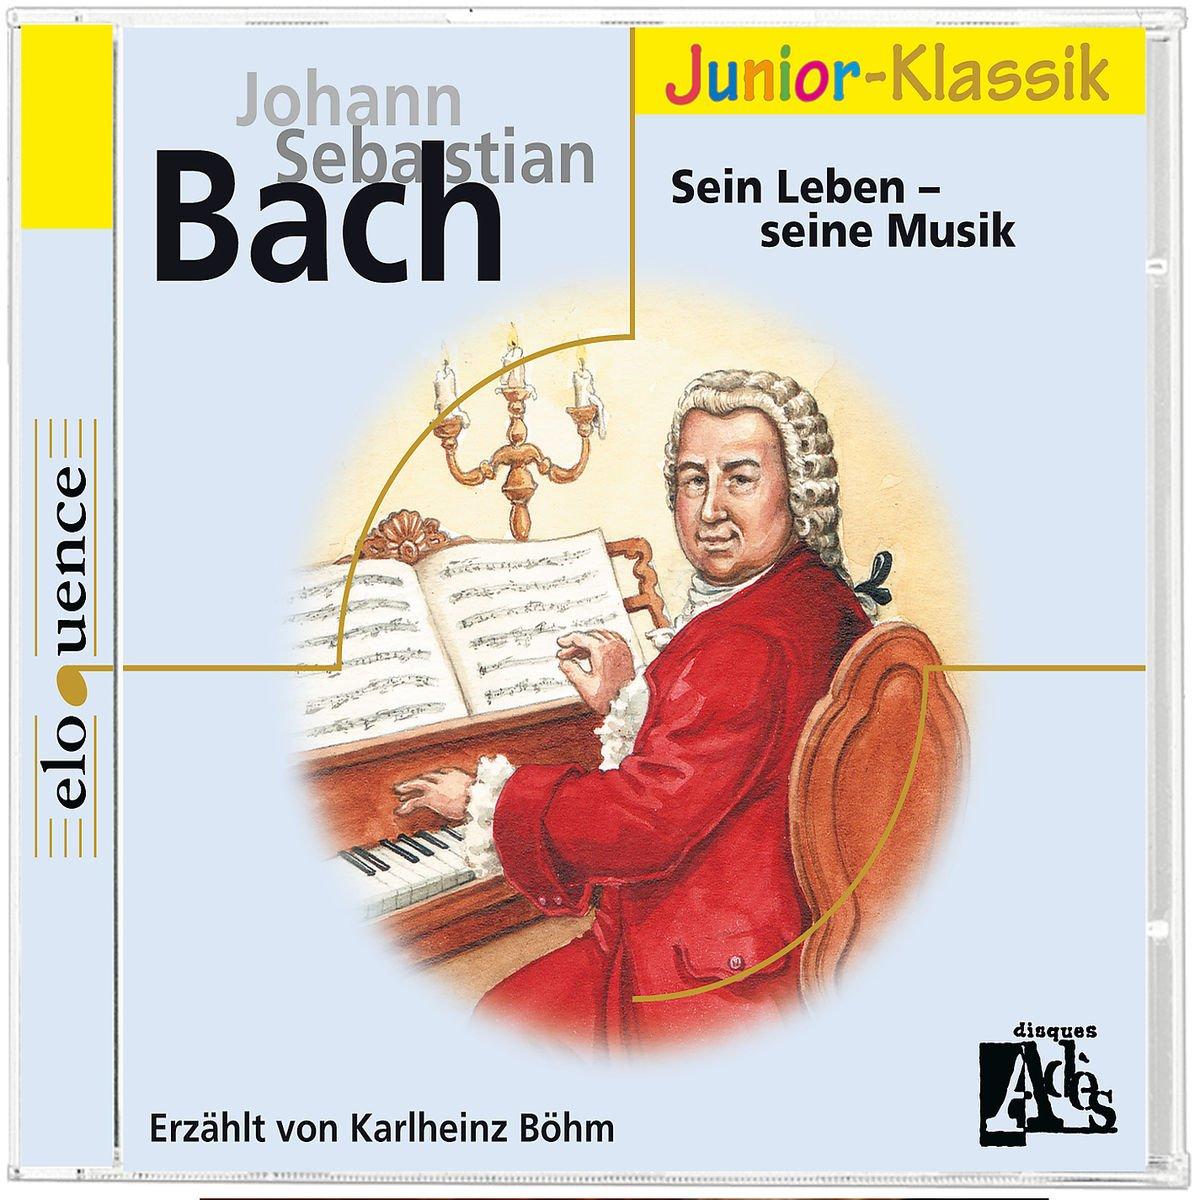 j s bach sein leben seine musik karlheinz bhm johann sebastian bach amazonde musik - Johann Sebastian Bach Lebenslauf